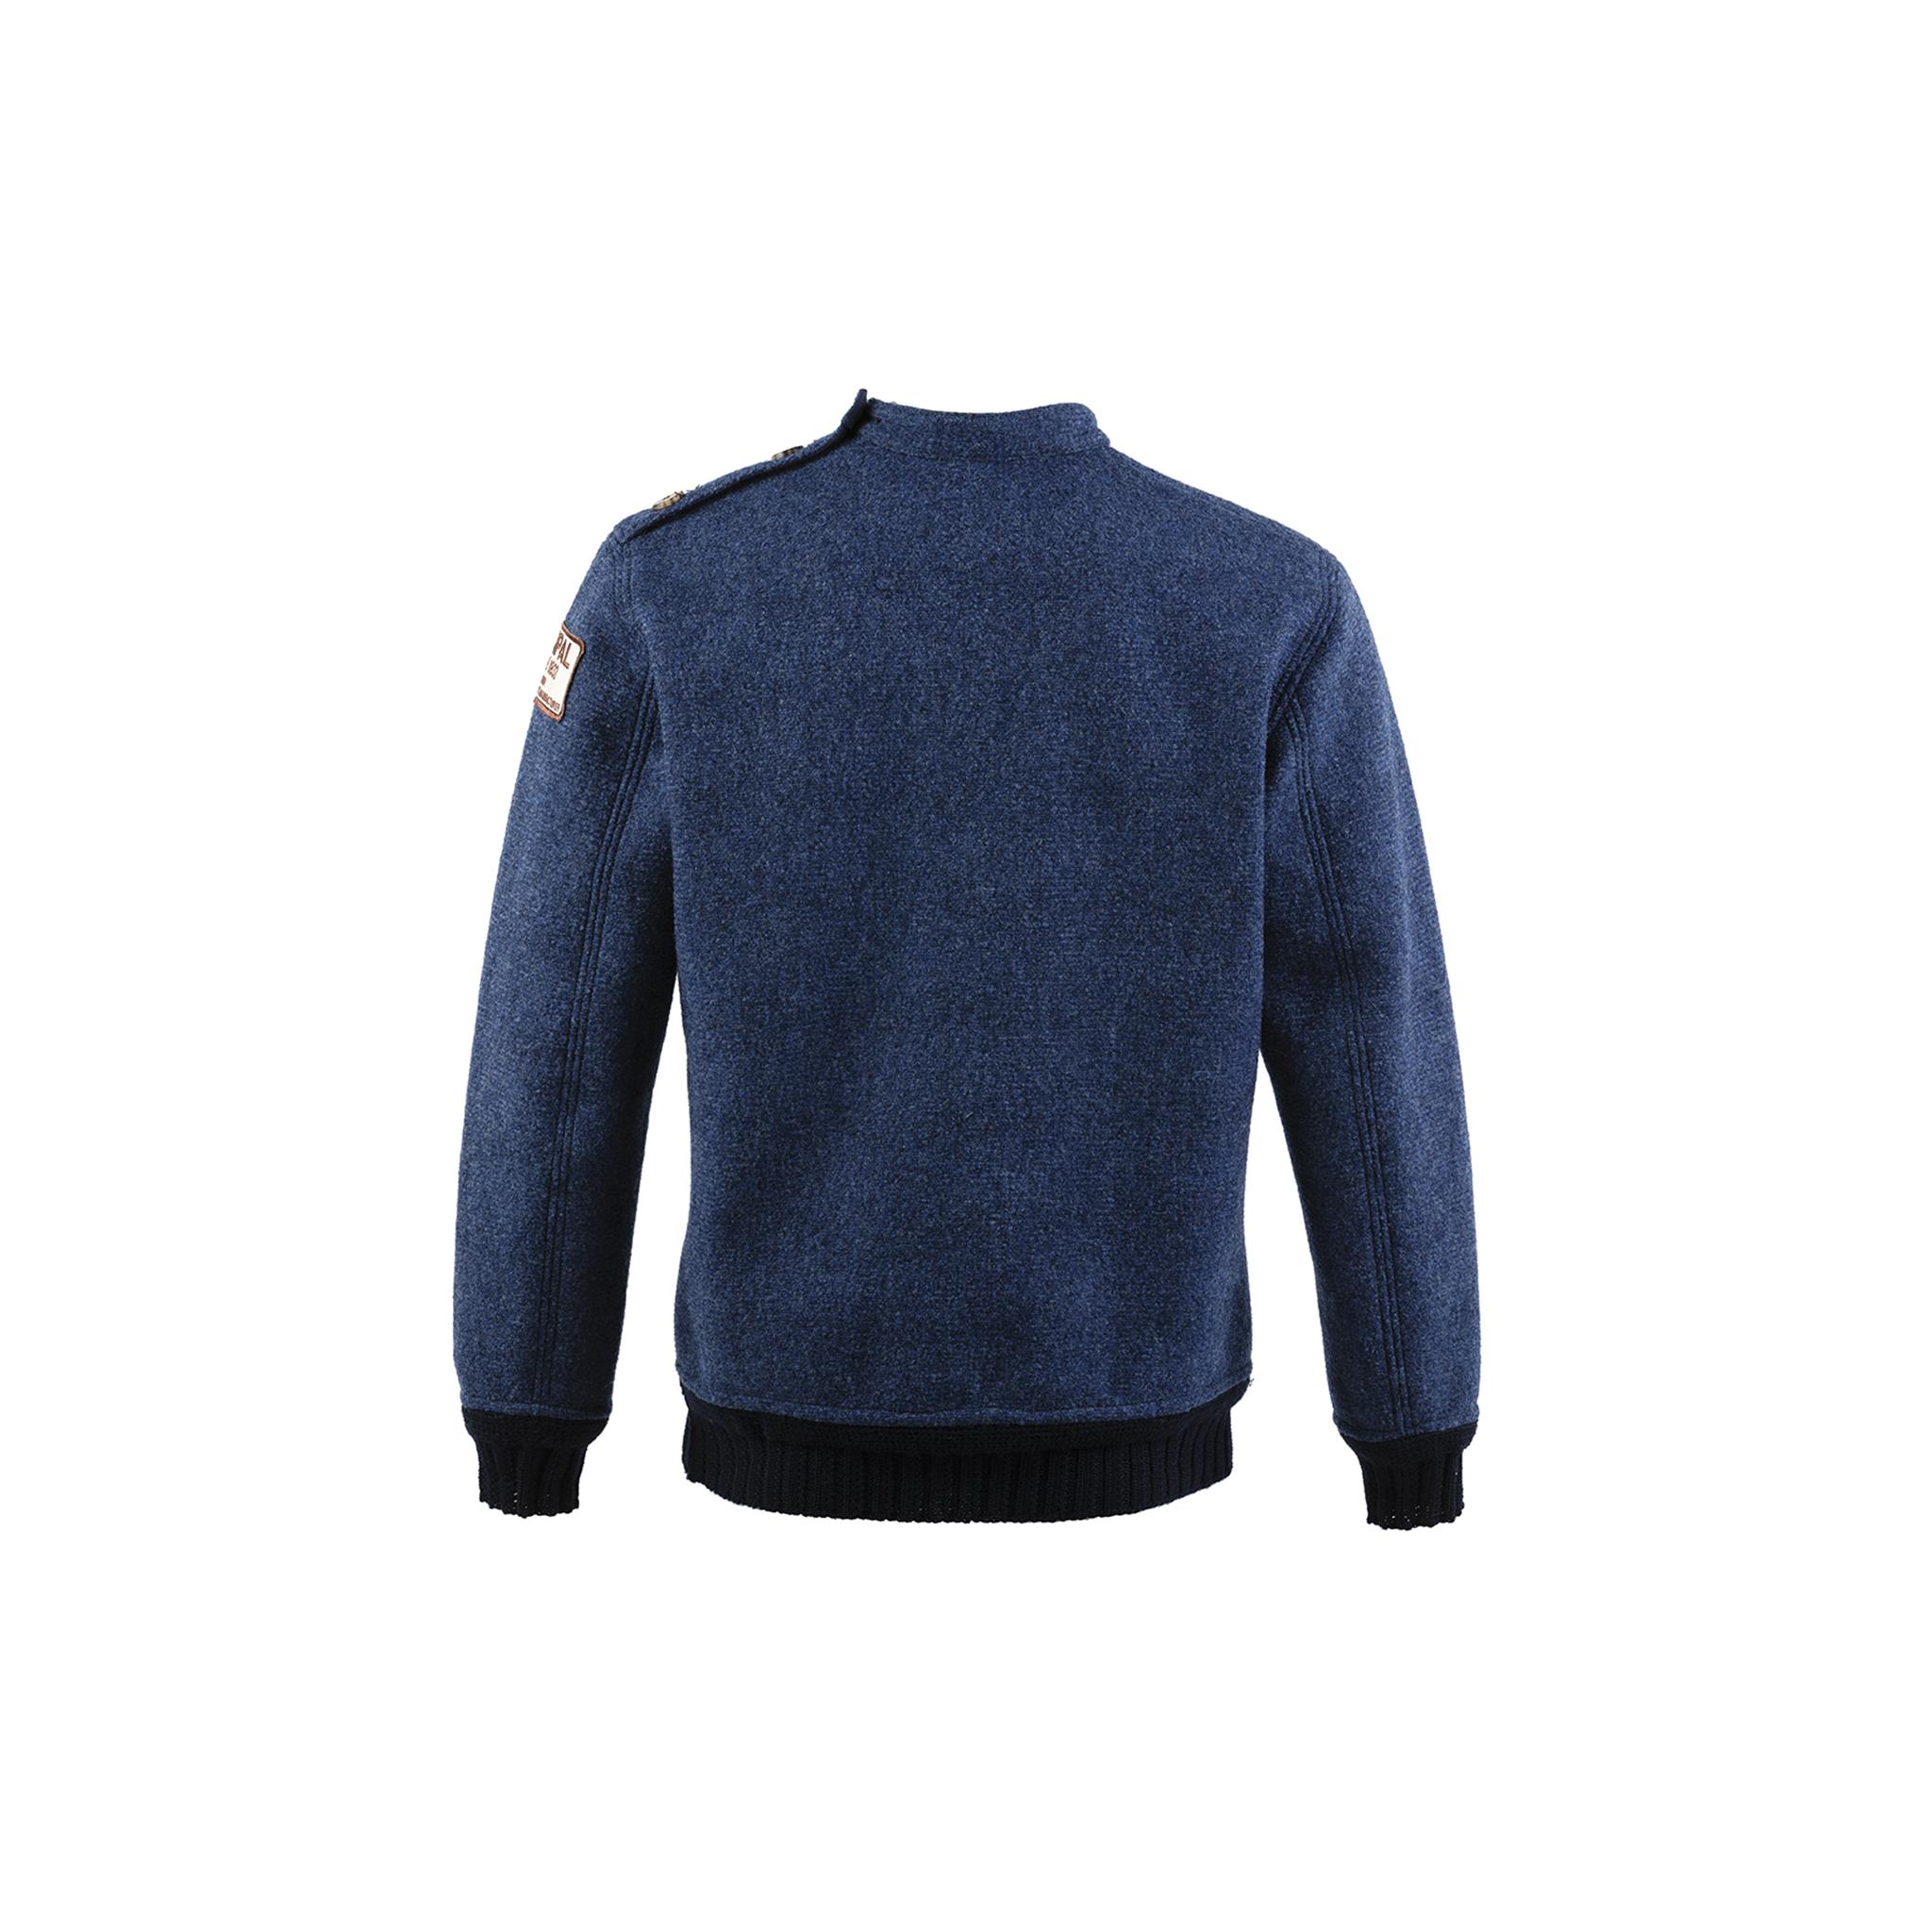 Jumper N°1 - Merino wool - Blue color